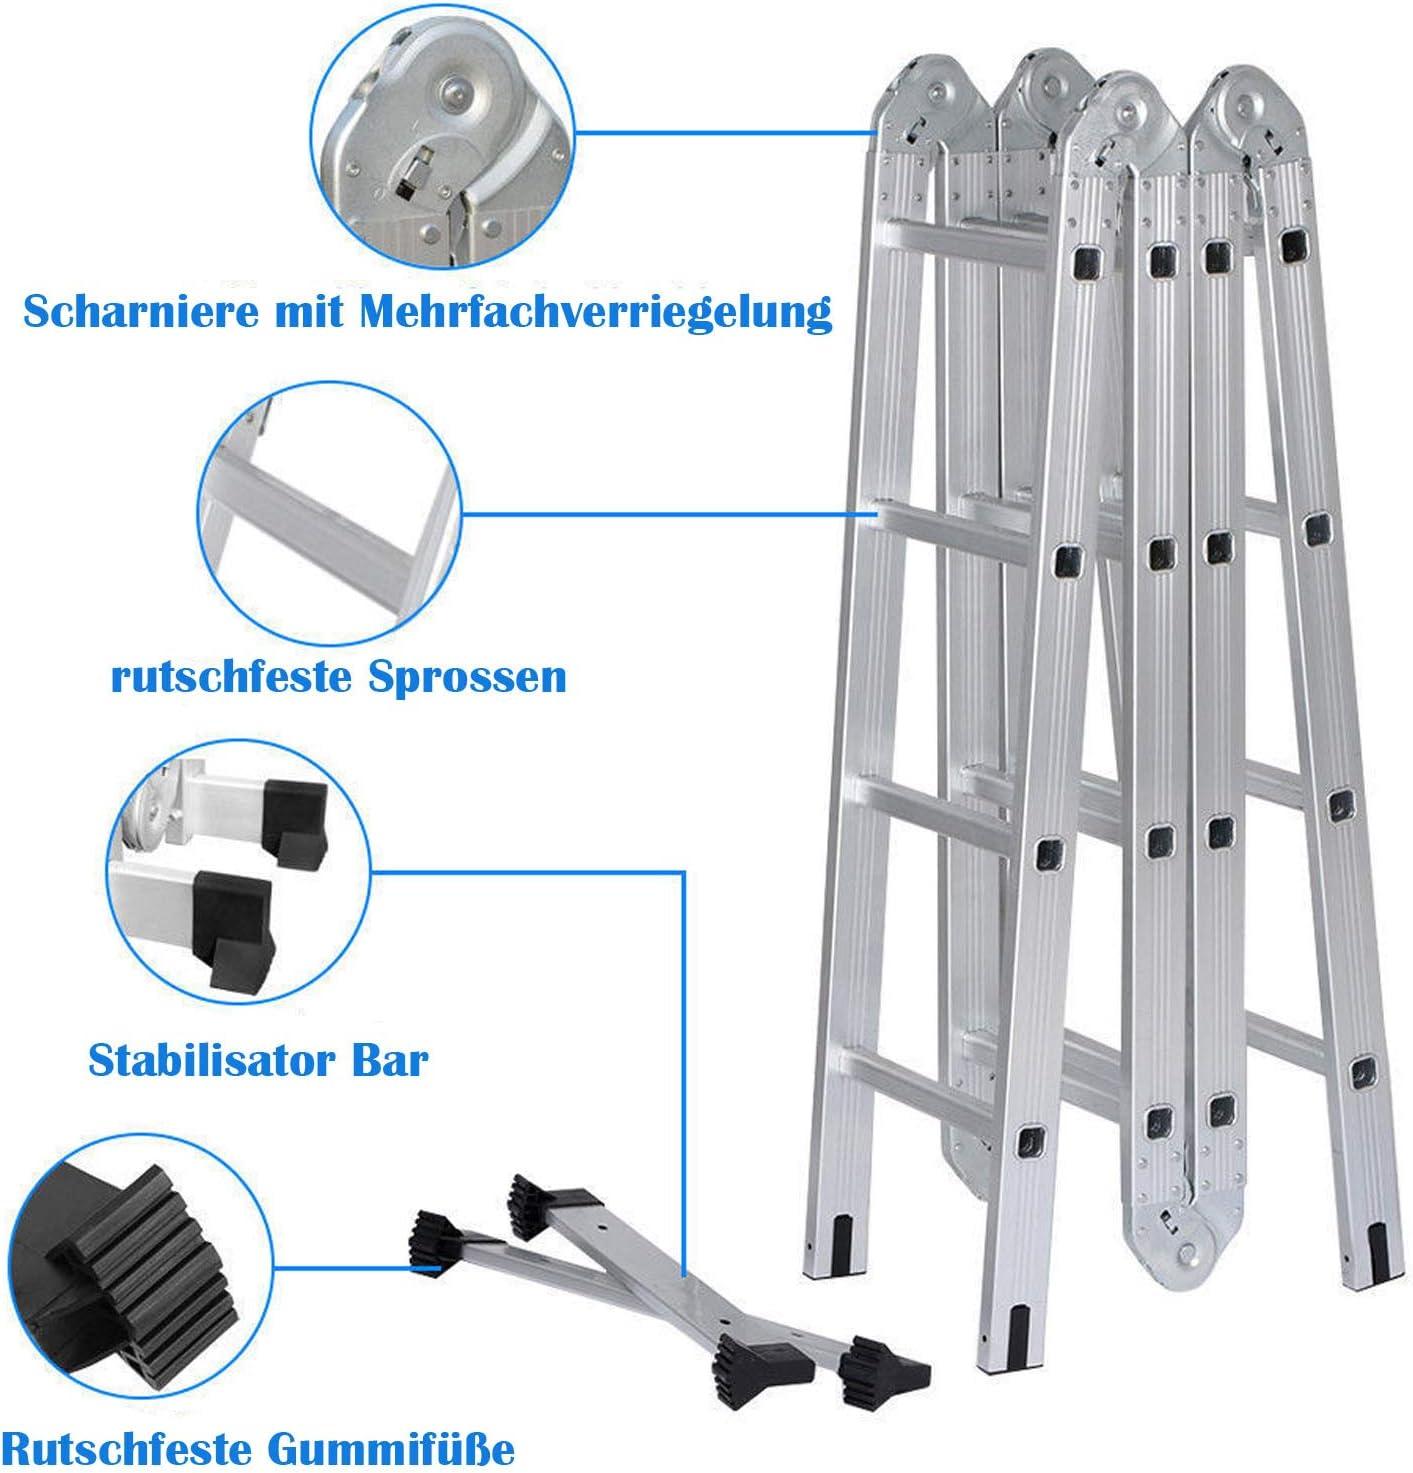 150 kg//330 Pfund Belastbarkeit Haushaltsleiter 5m Teleskopleiter 2.5m+2.5m Ausziehleiter Klappleiter Rutschfester Stehleiter Mehrzweckleiter aus hochwertiges Aluminium